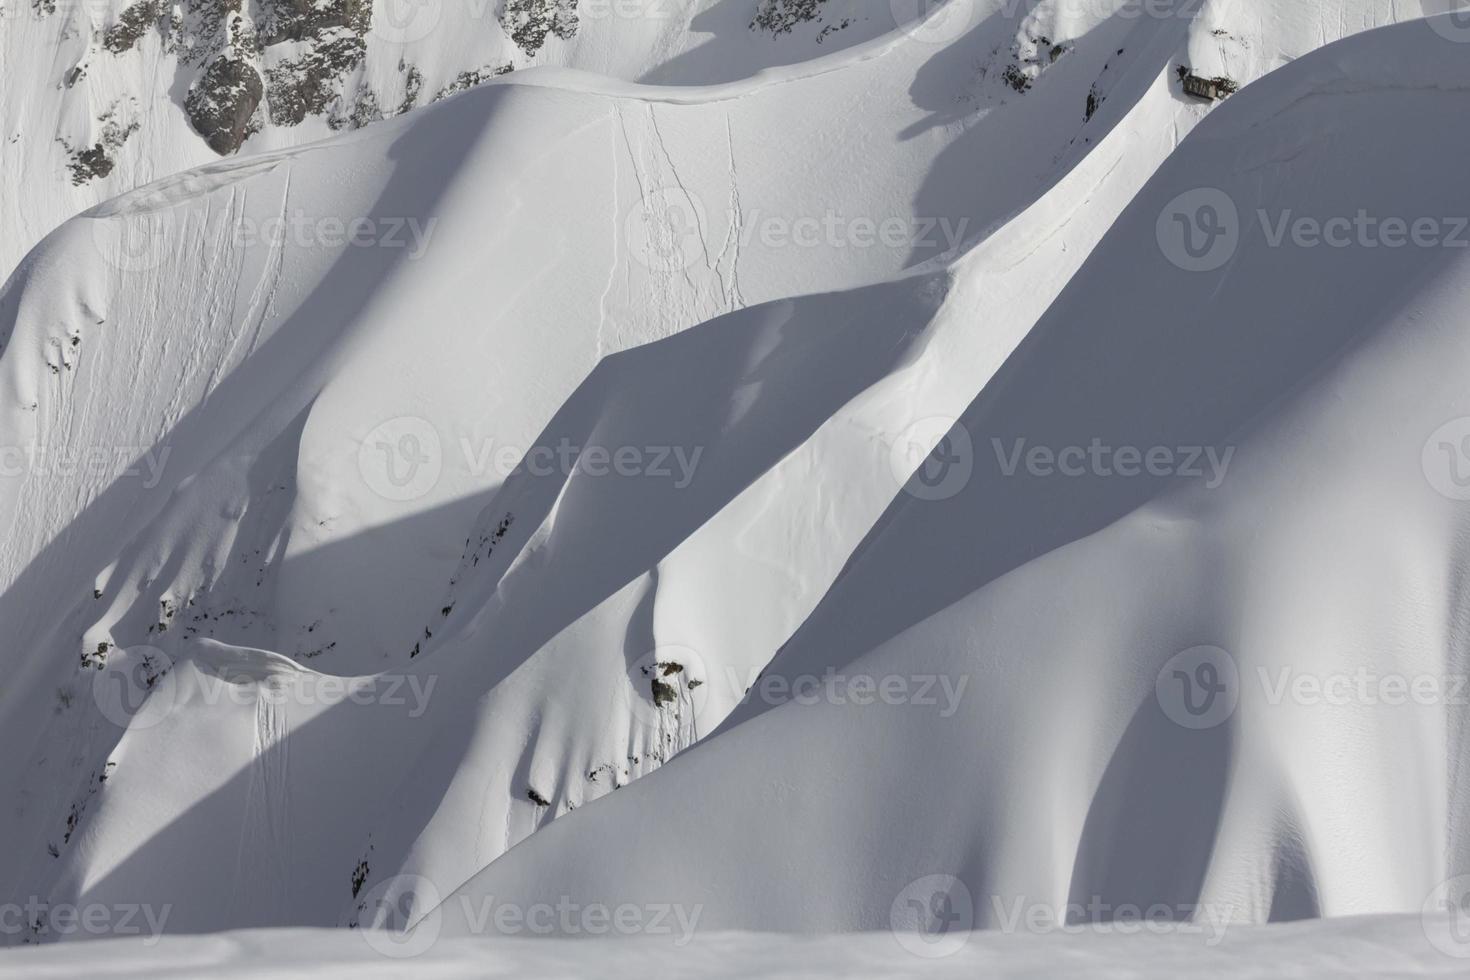 encosta da montanha de neve foto